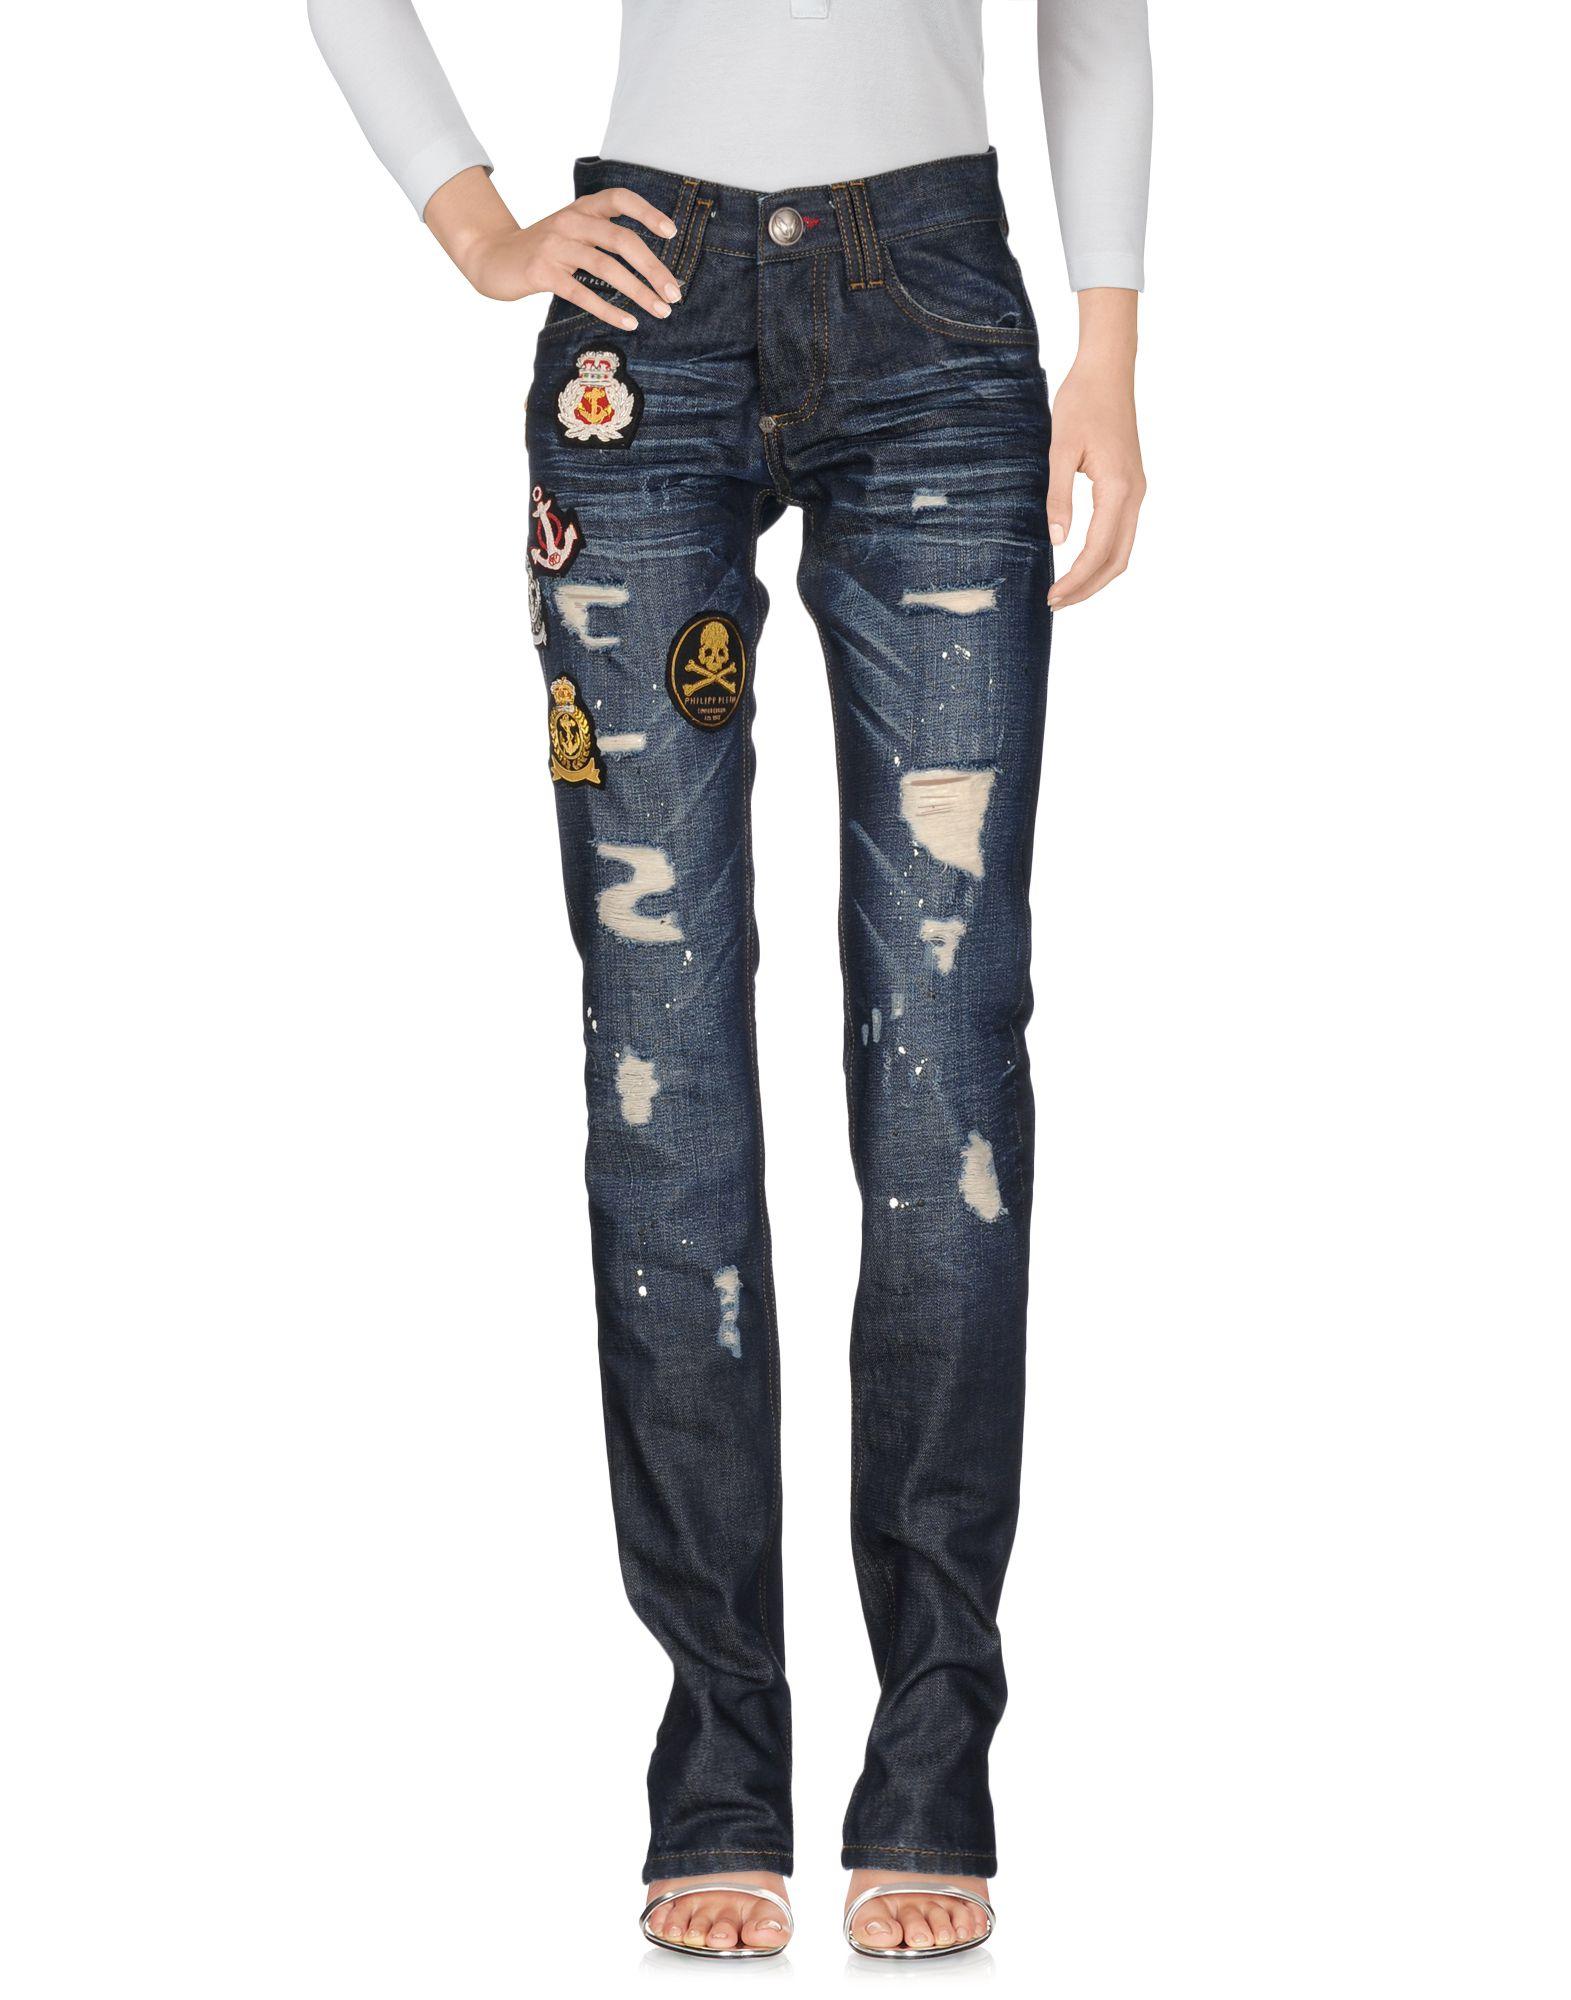 PHILIPP PLEIN Джинсовые брюки фильтр на приус 23300 74330